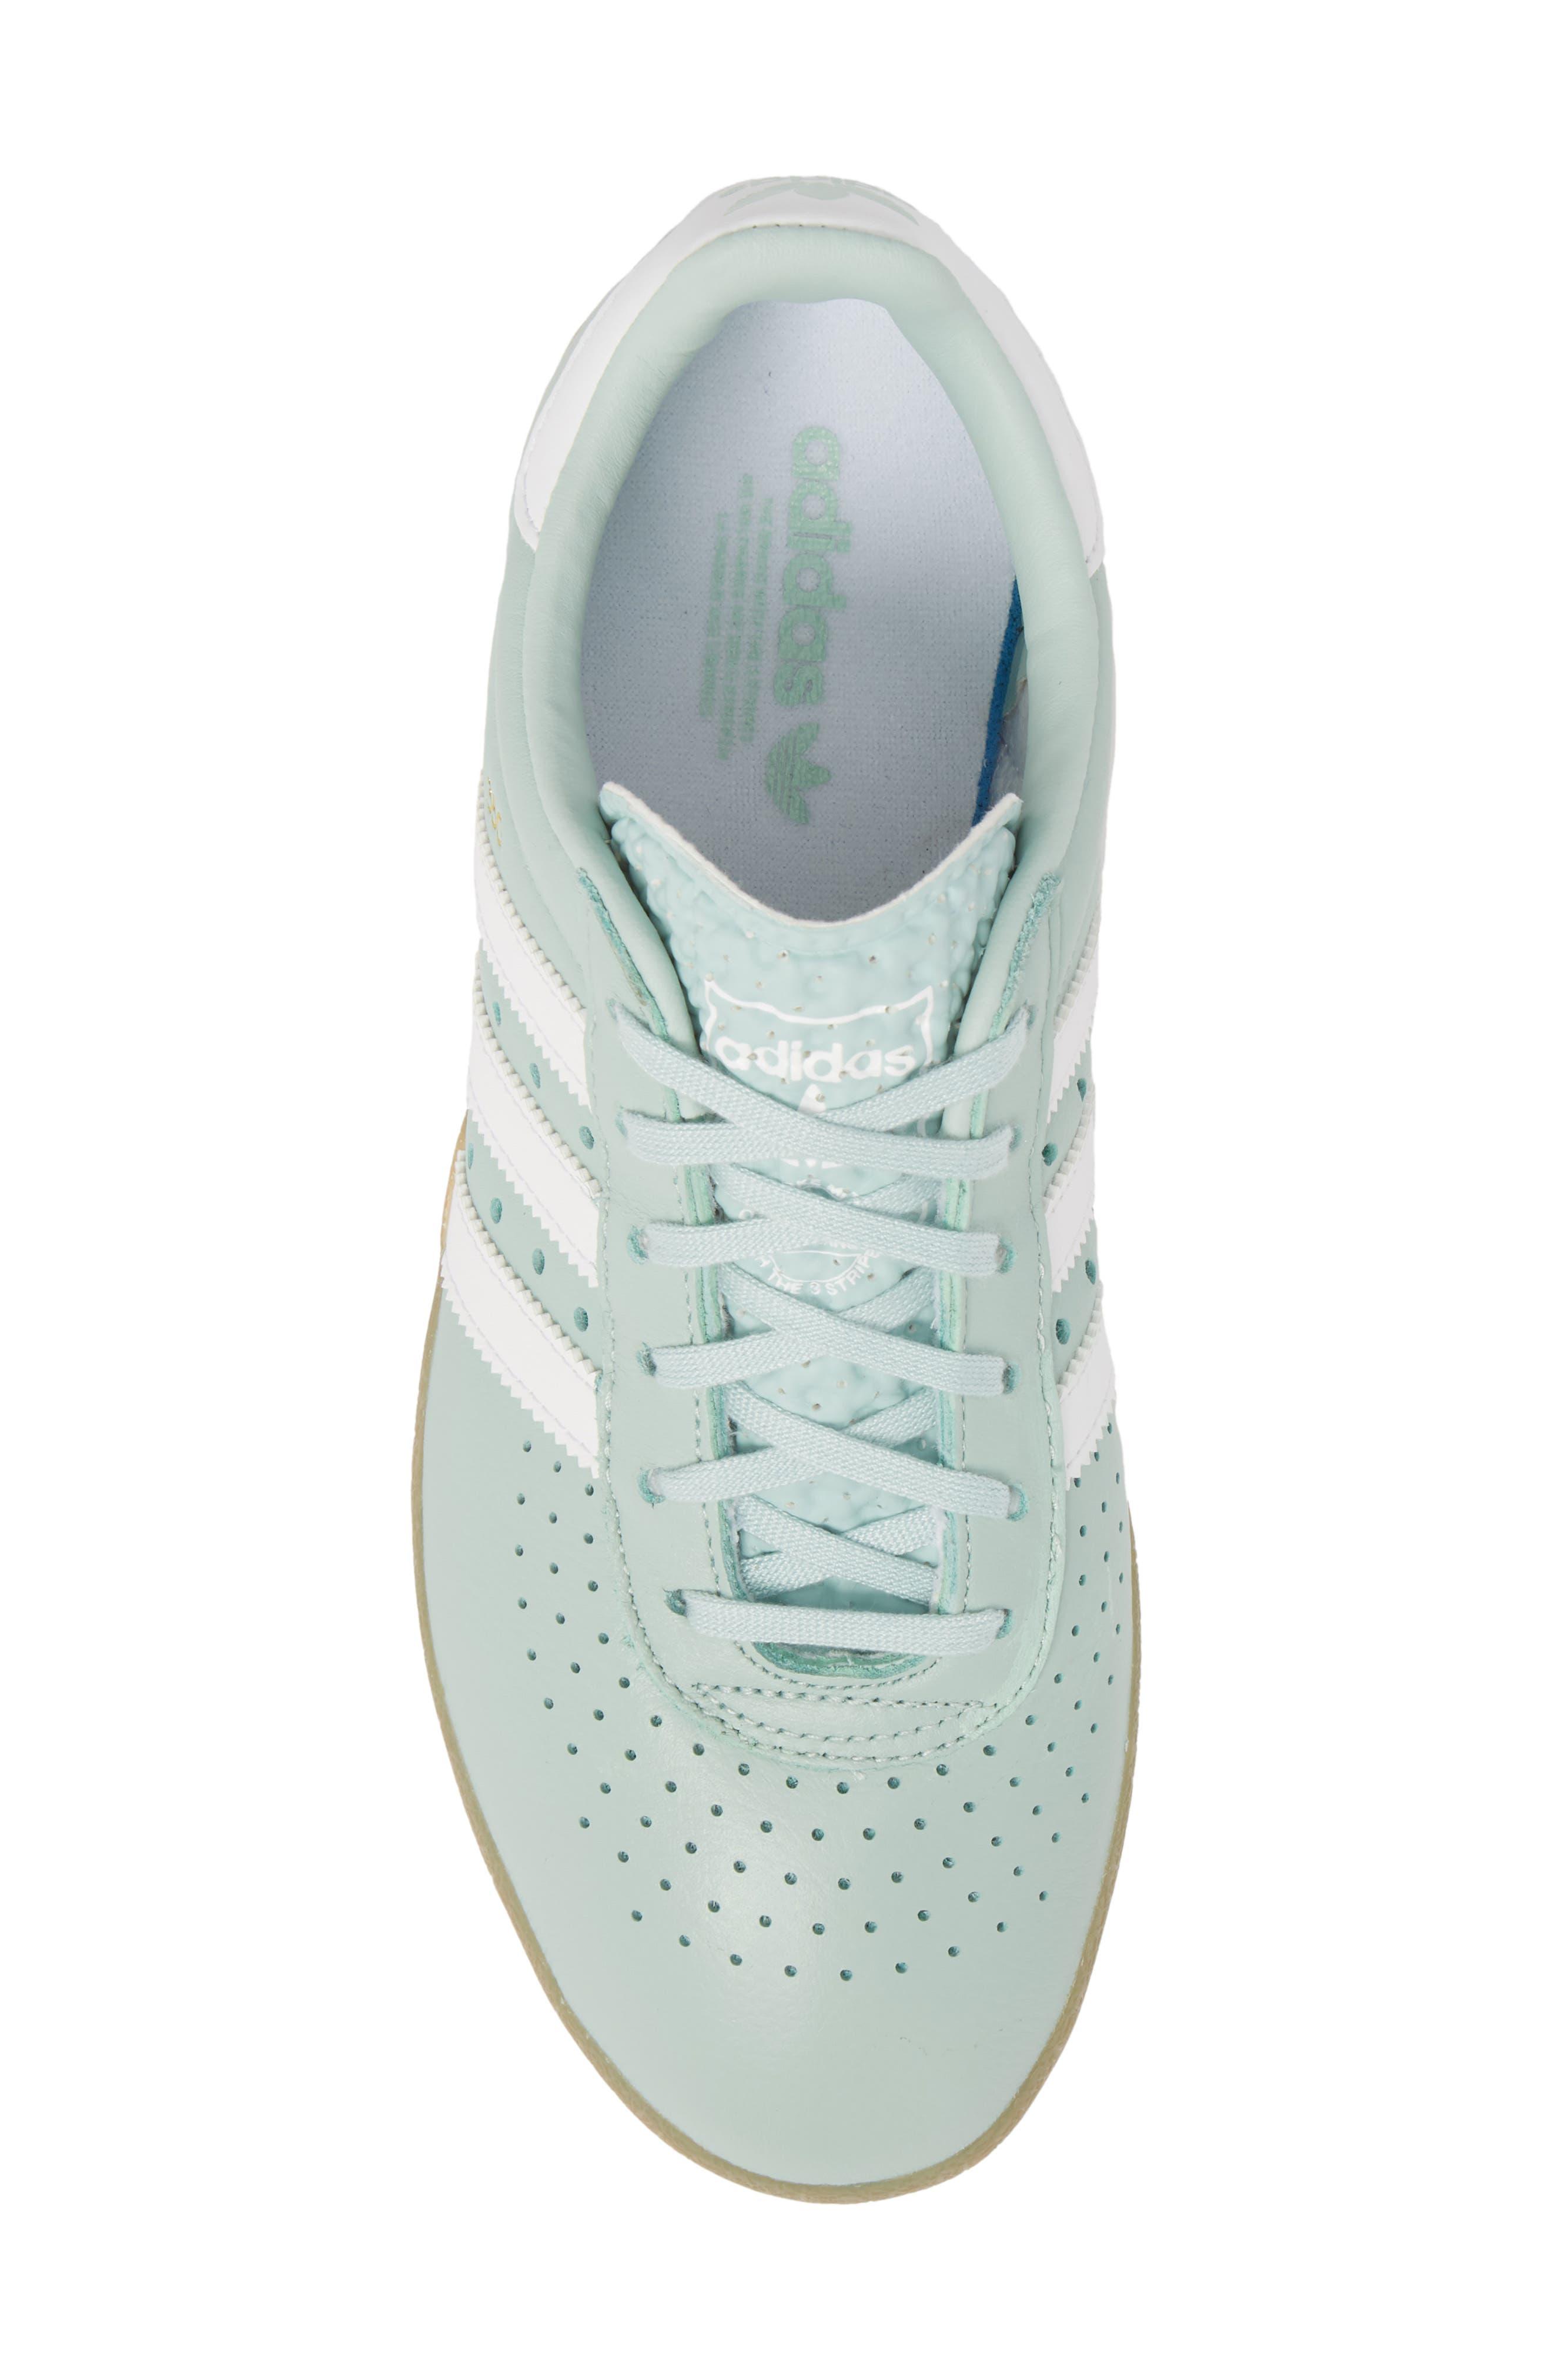 350 Sneaker,                             Alternate thumbnail 5, color,                             Ash Green/ White/ Gum